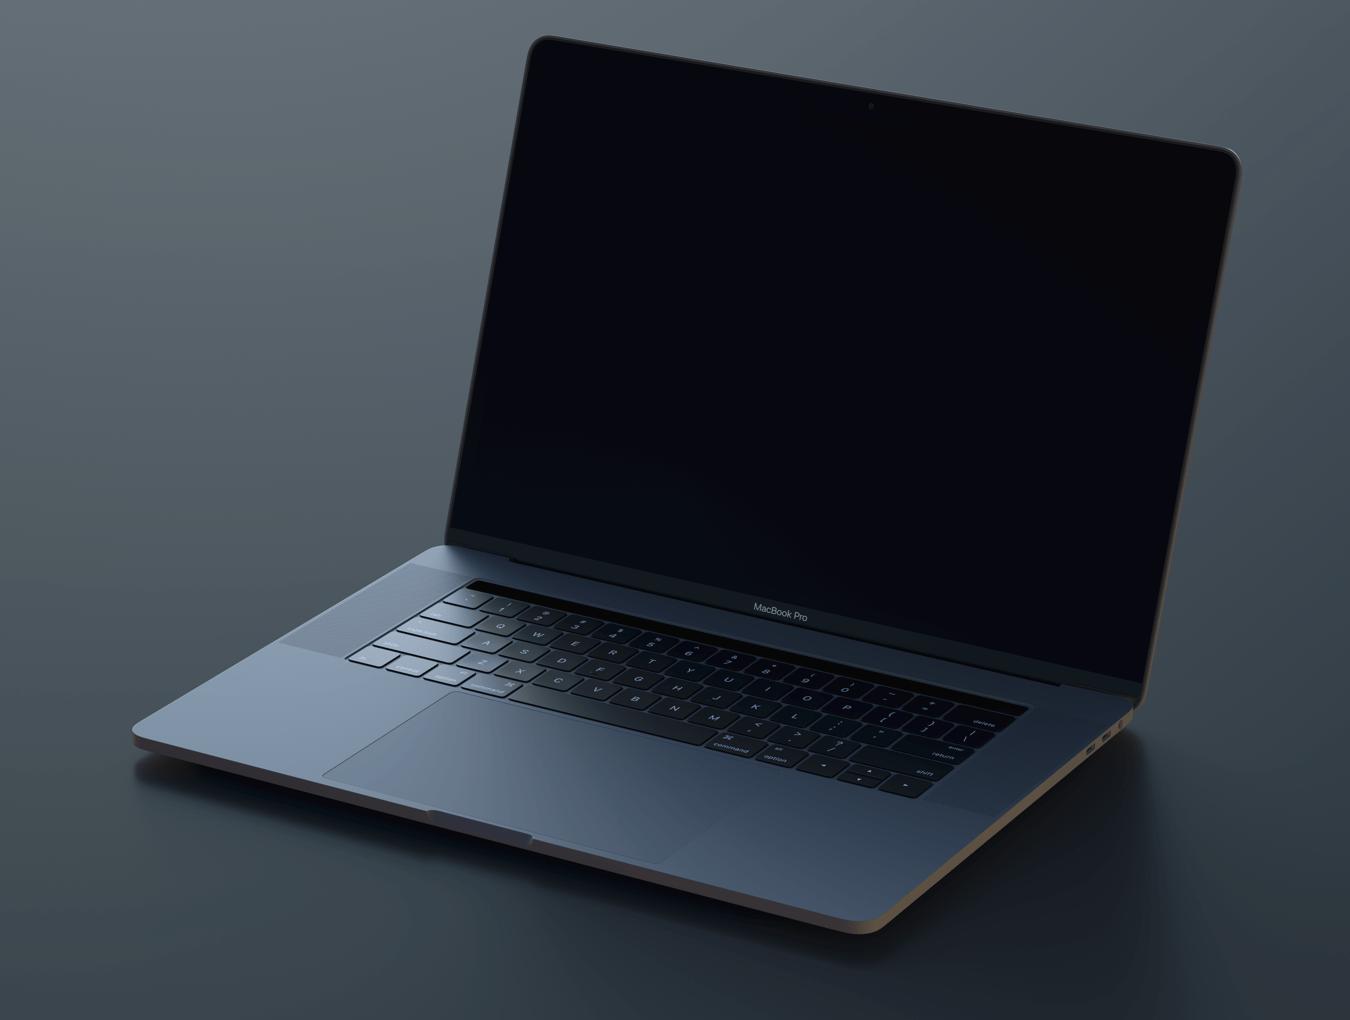 Macbook Pro mockup for Sketch & Photoshop 4K